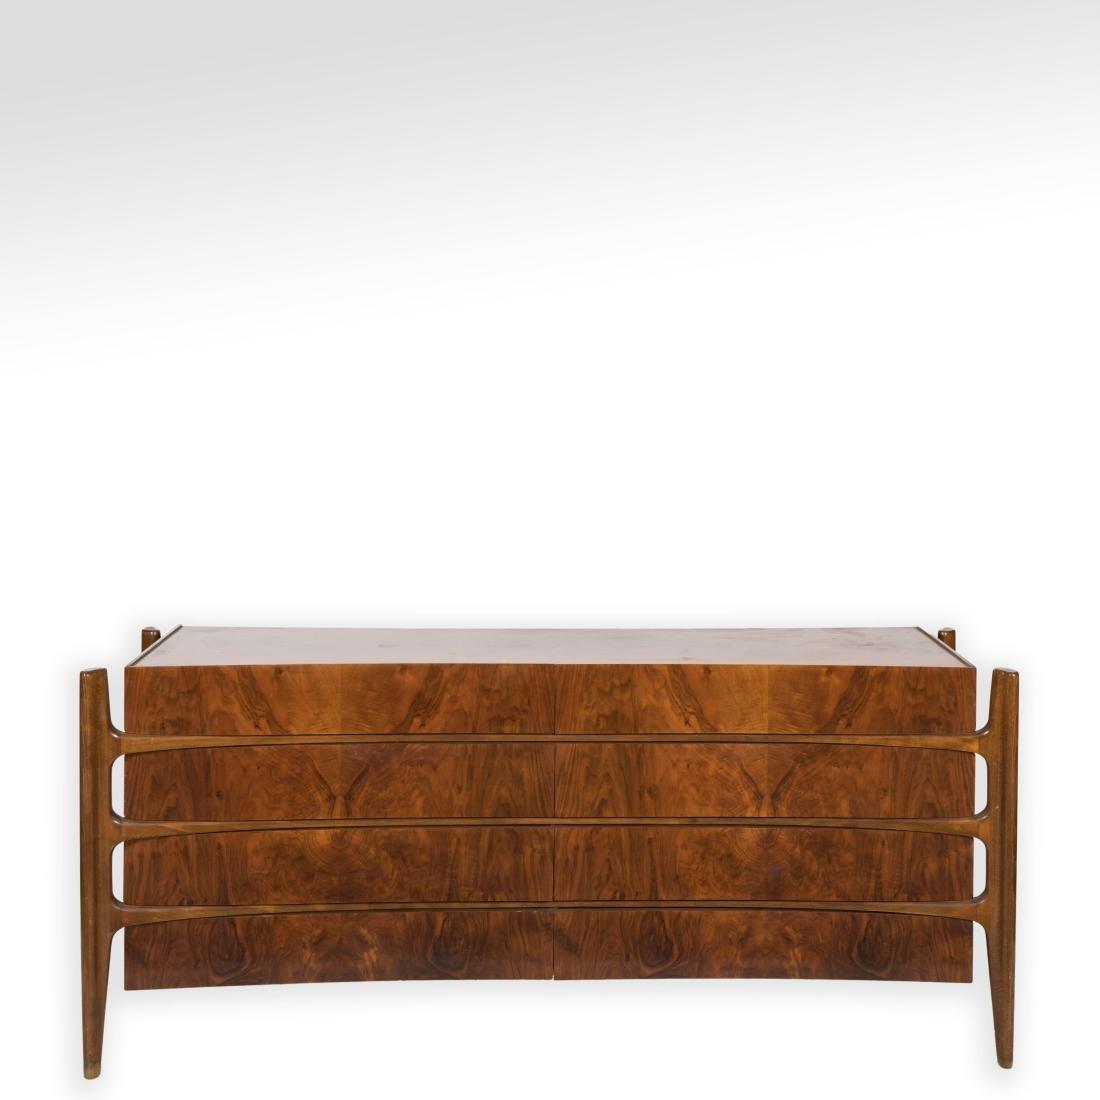 William Hinn - Concave Double Dresser